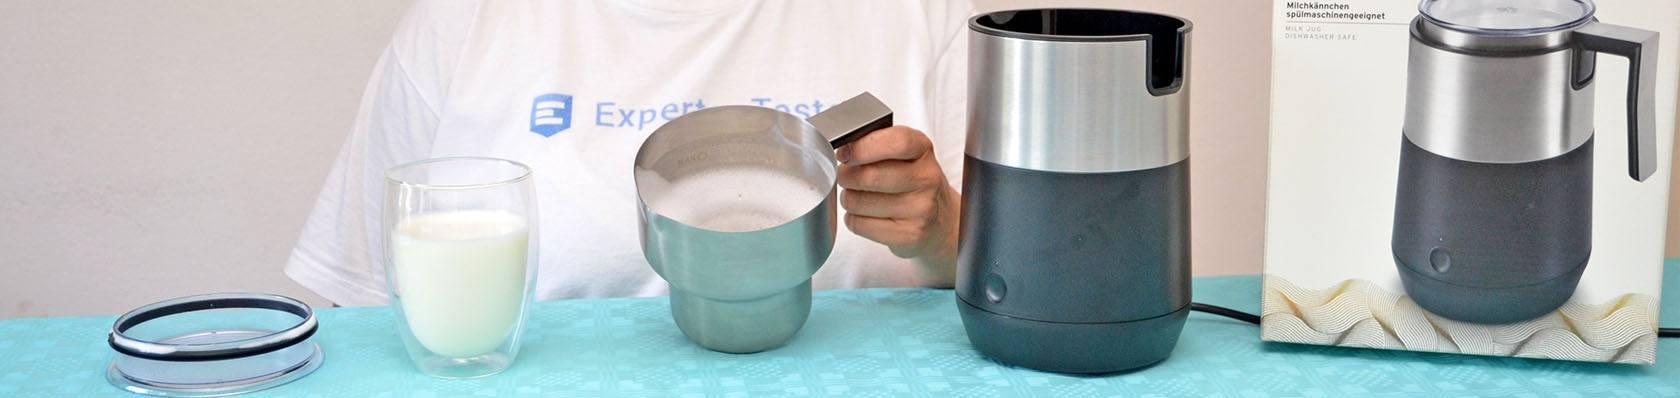 Induktions-Milchaufschäumer im Test auf ExpertenTesten.de